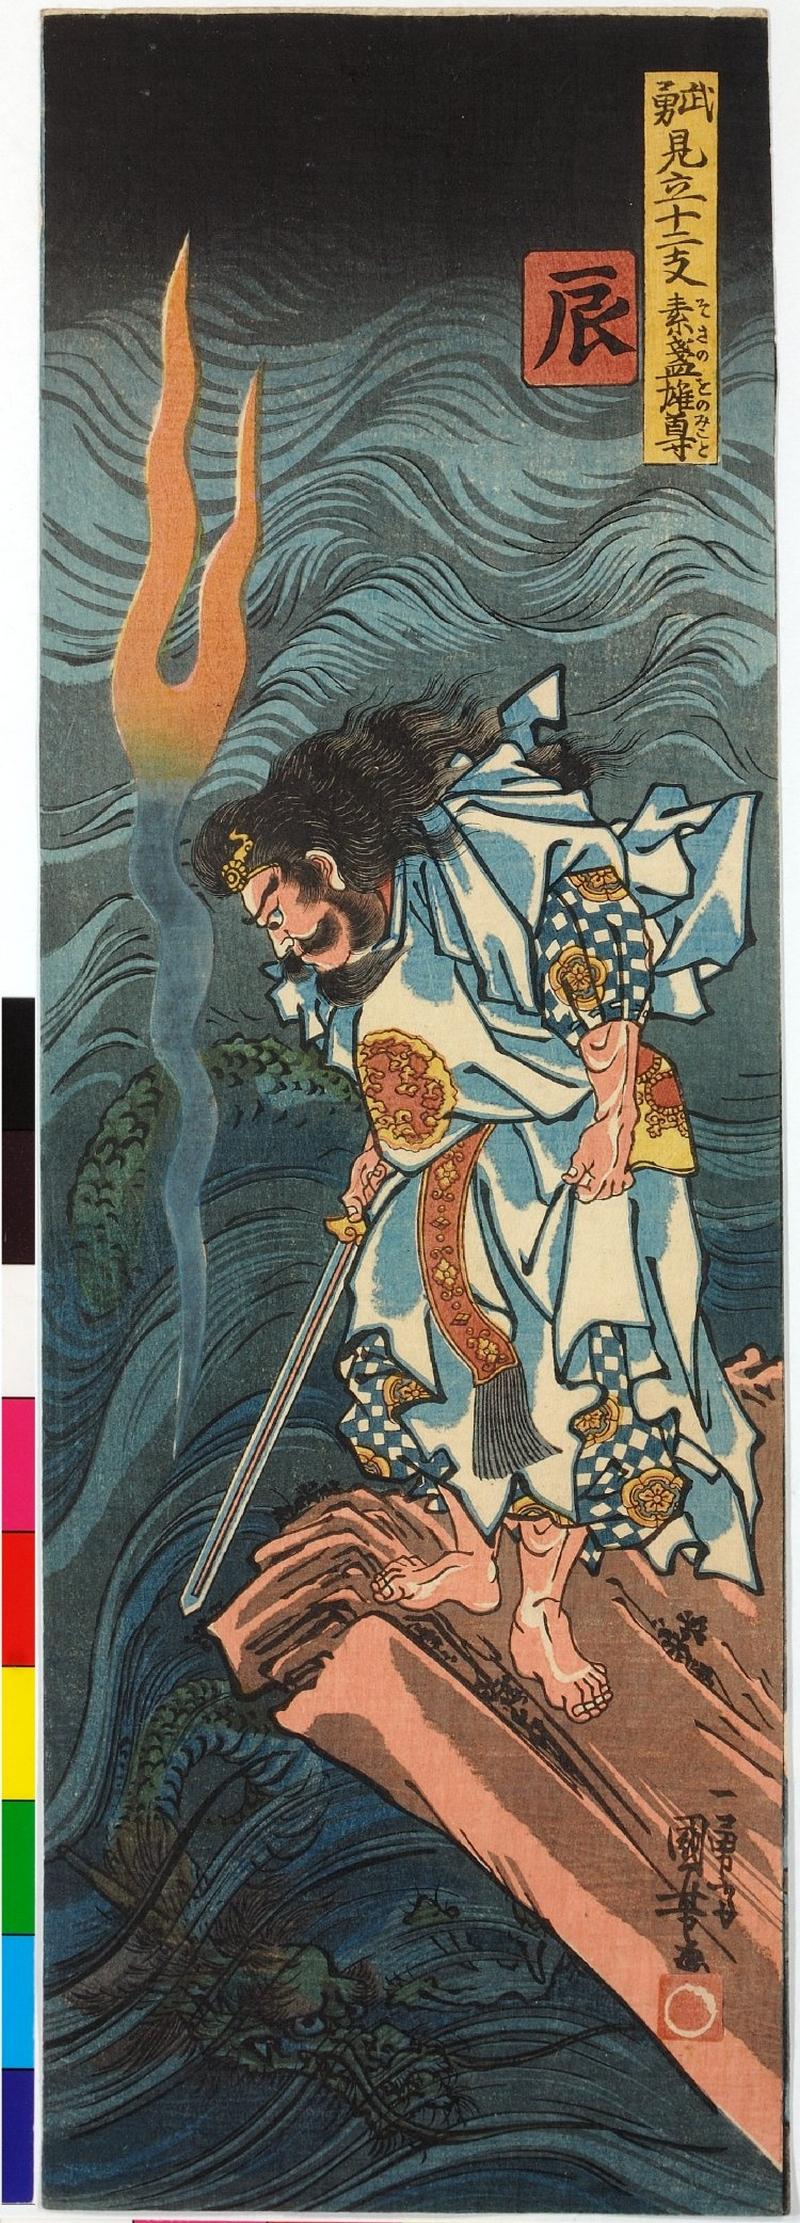 Онлайн-архив с 213 000 прекрасных японских гравюр, созданных с 1700-х годов до наших дней 1